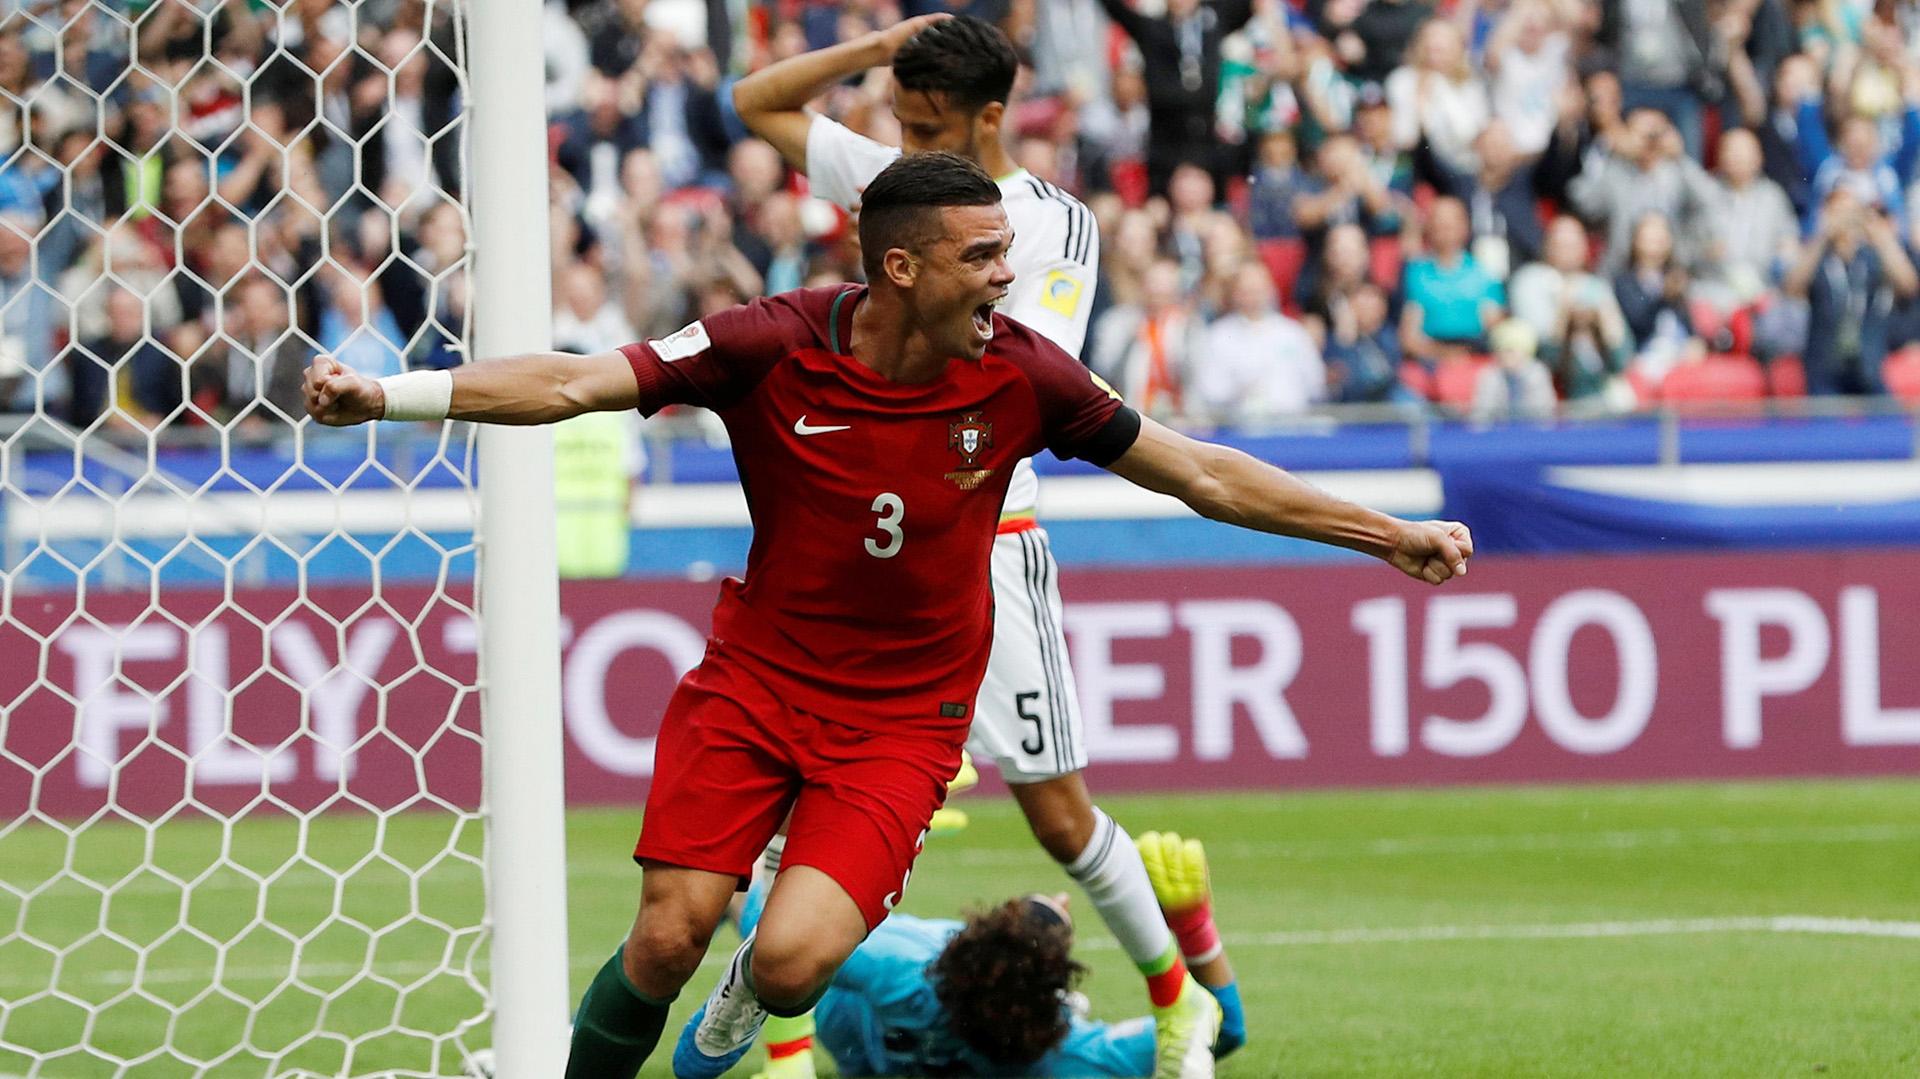 Pepe ya había festejado su gol, que luego fue anulado por el videoarbitraje (Reuters)